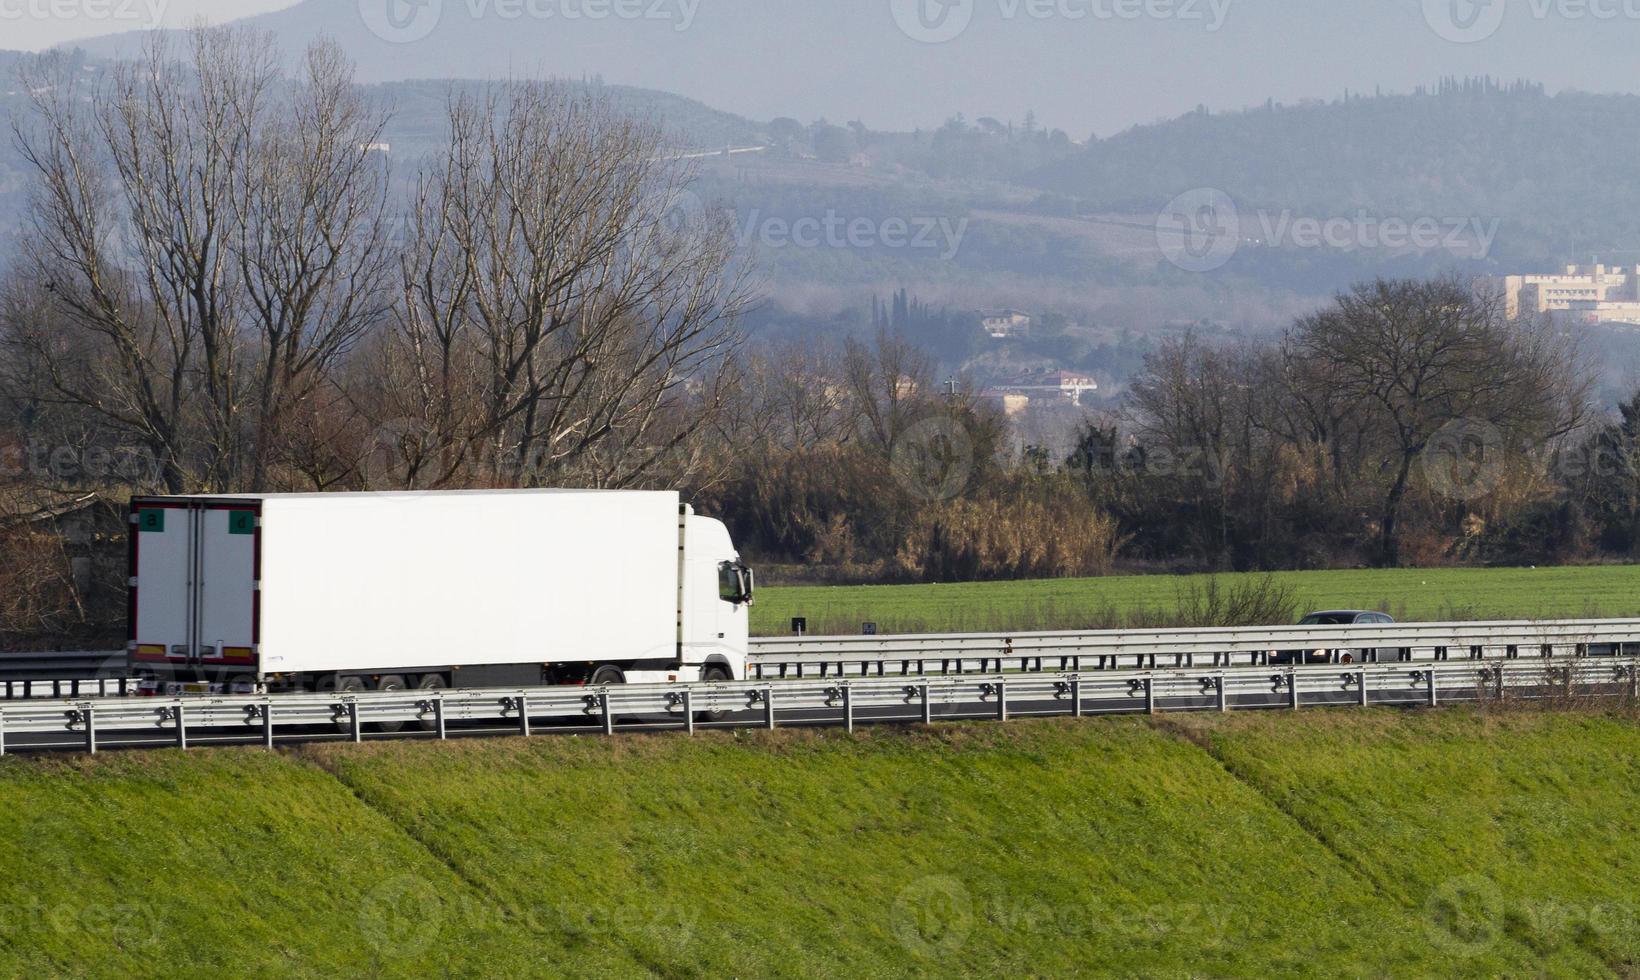 camión blanco en carretera foto